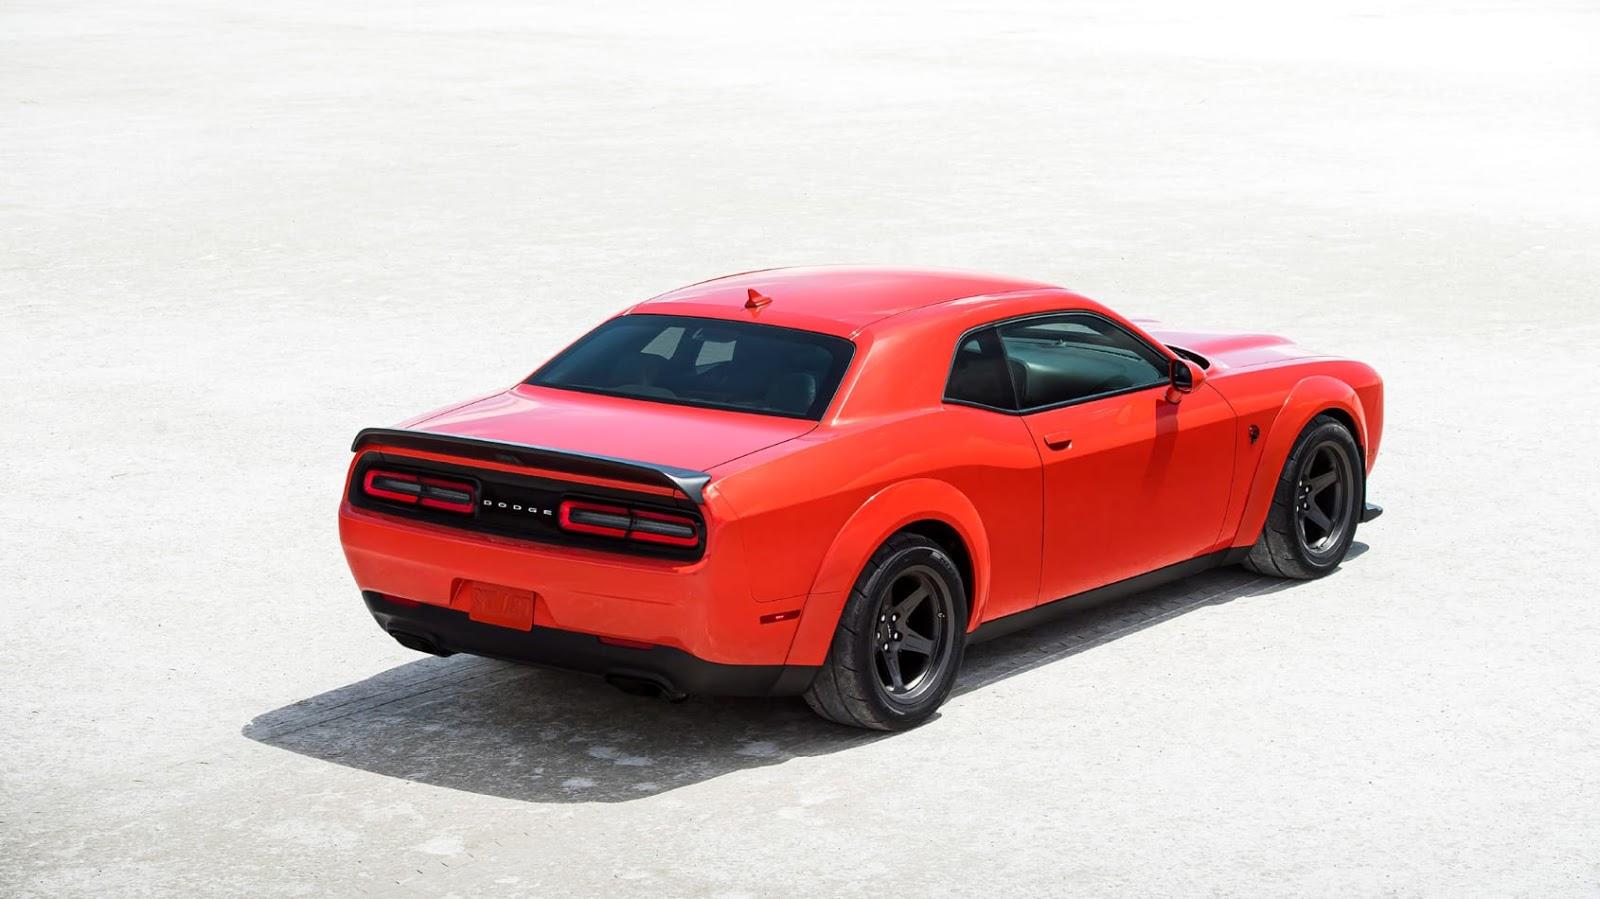 2021 Dodge Challenger Srt Images